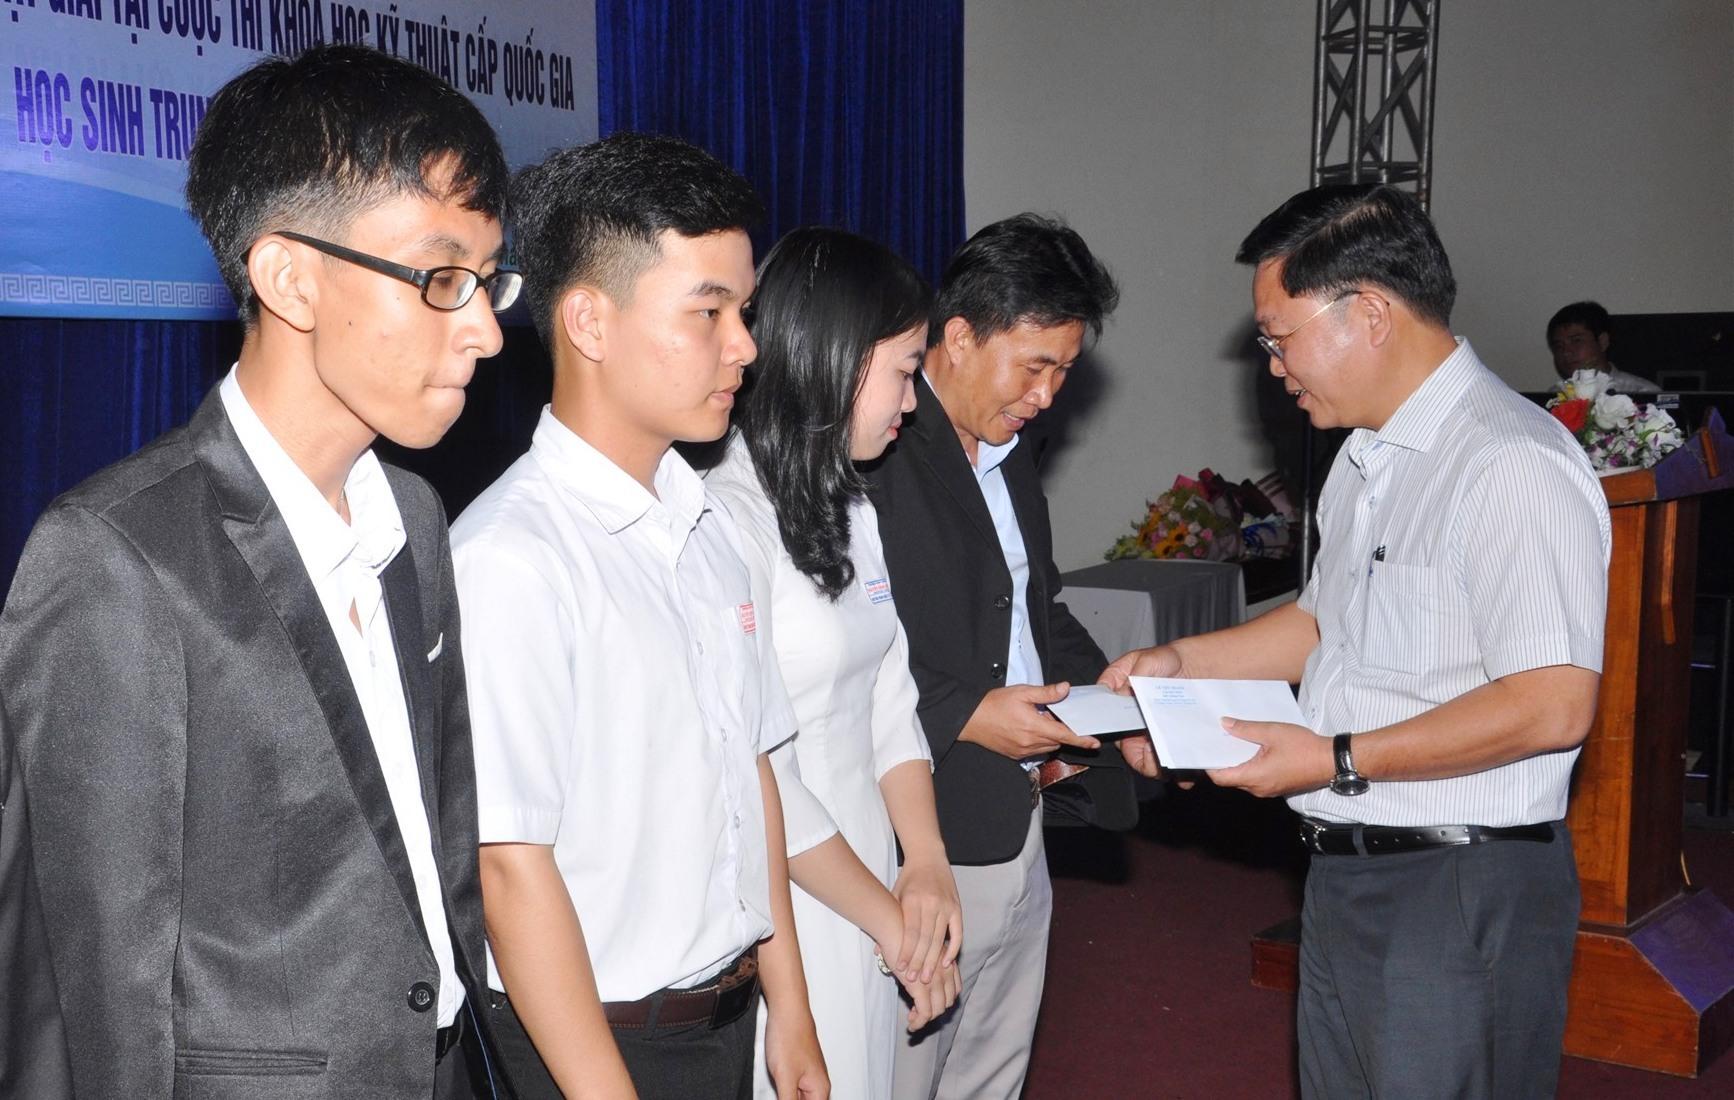 Chủ tịch UBND tỉnh Lê Trí Thanh tặng quà cá nhân cho giáo viên và học sinh. Ảnh: X.P